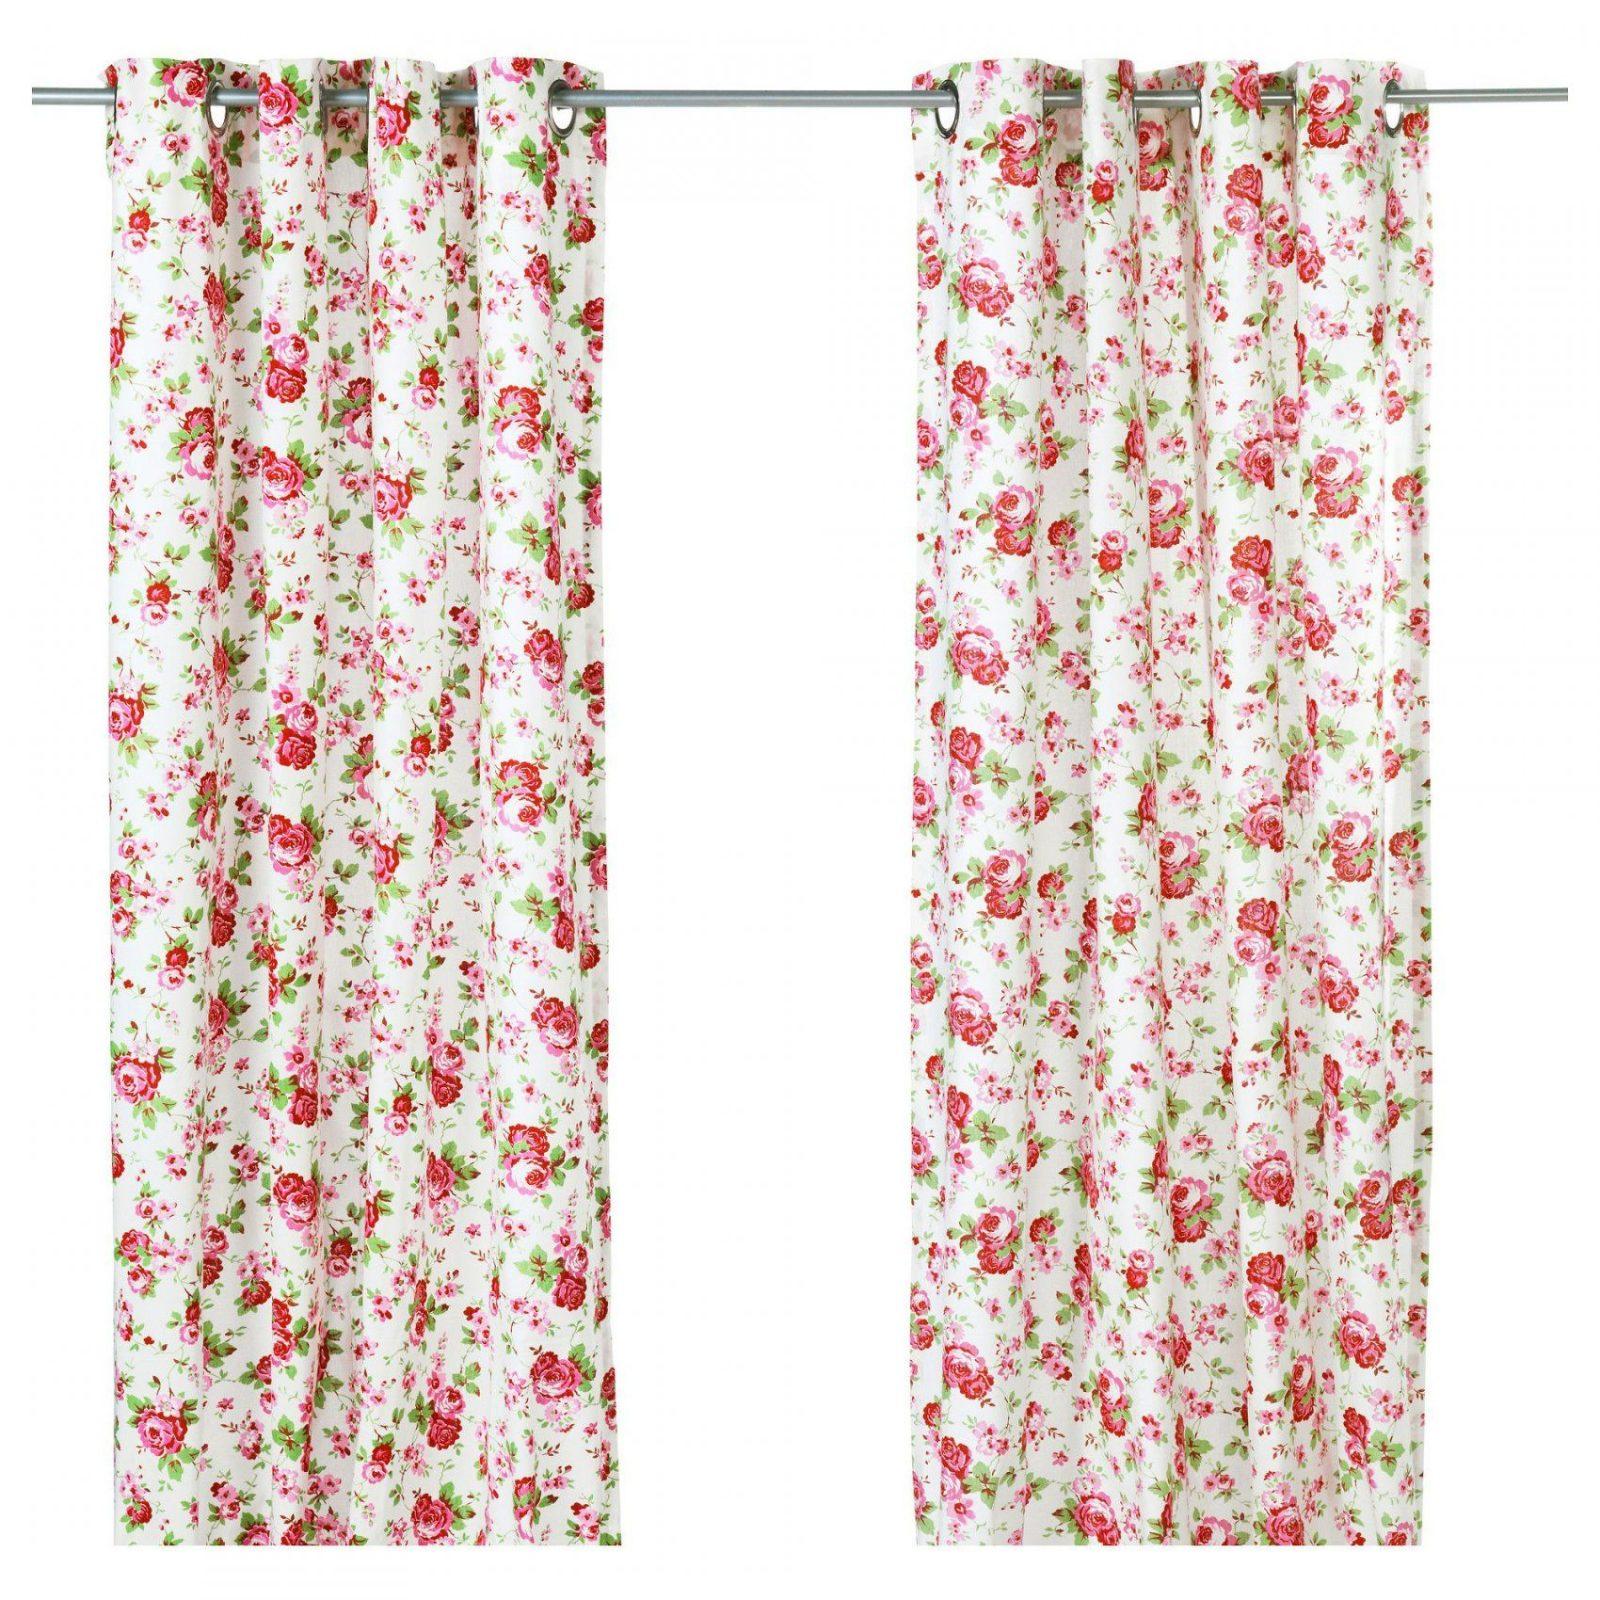 Rosali Curtains 1 Pair  Ikea  Kitchen  Pinterest von Ikea Rosali Bettwäsche Bild